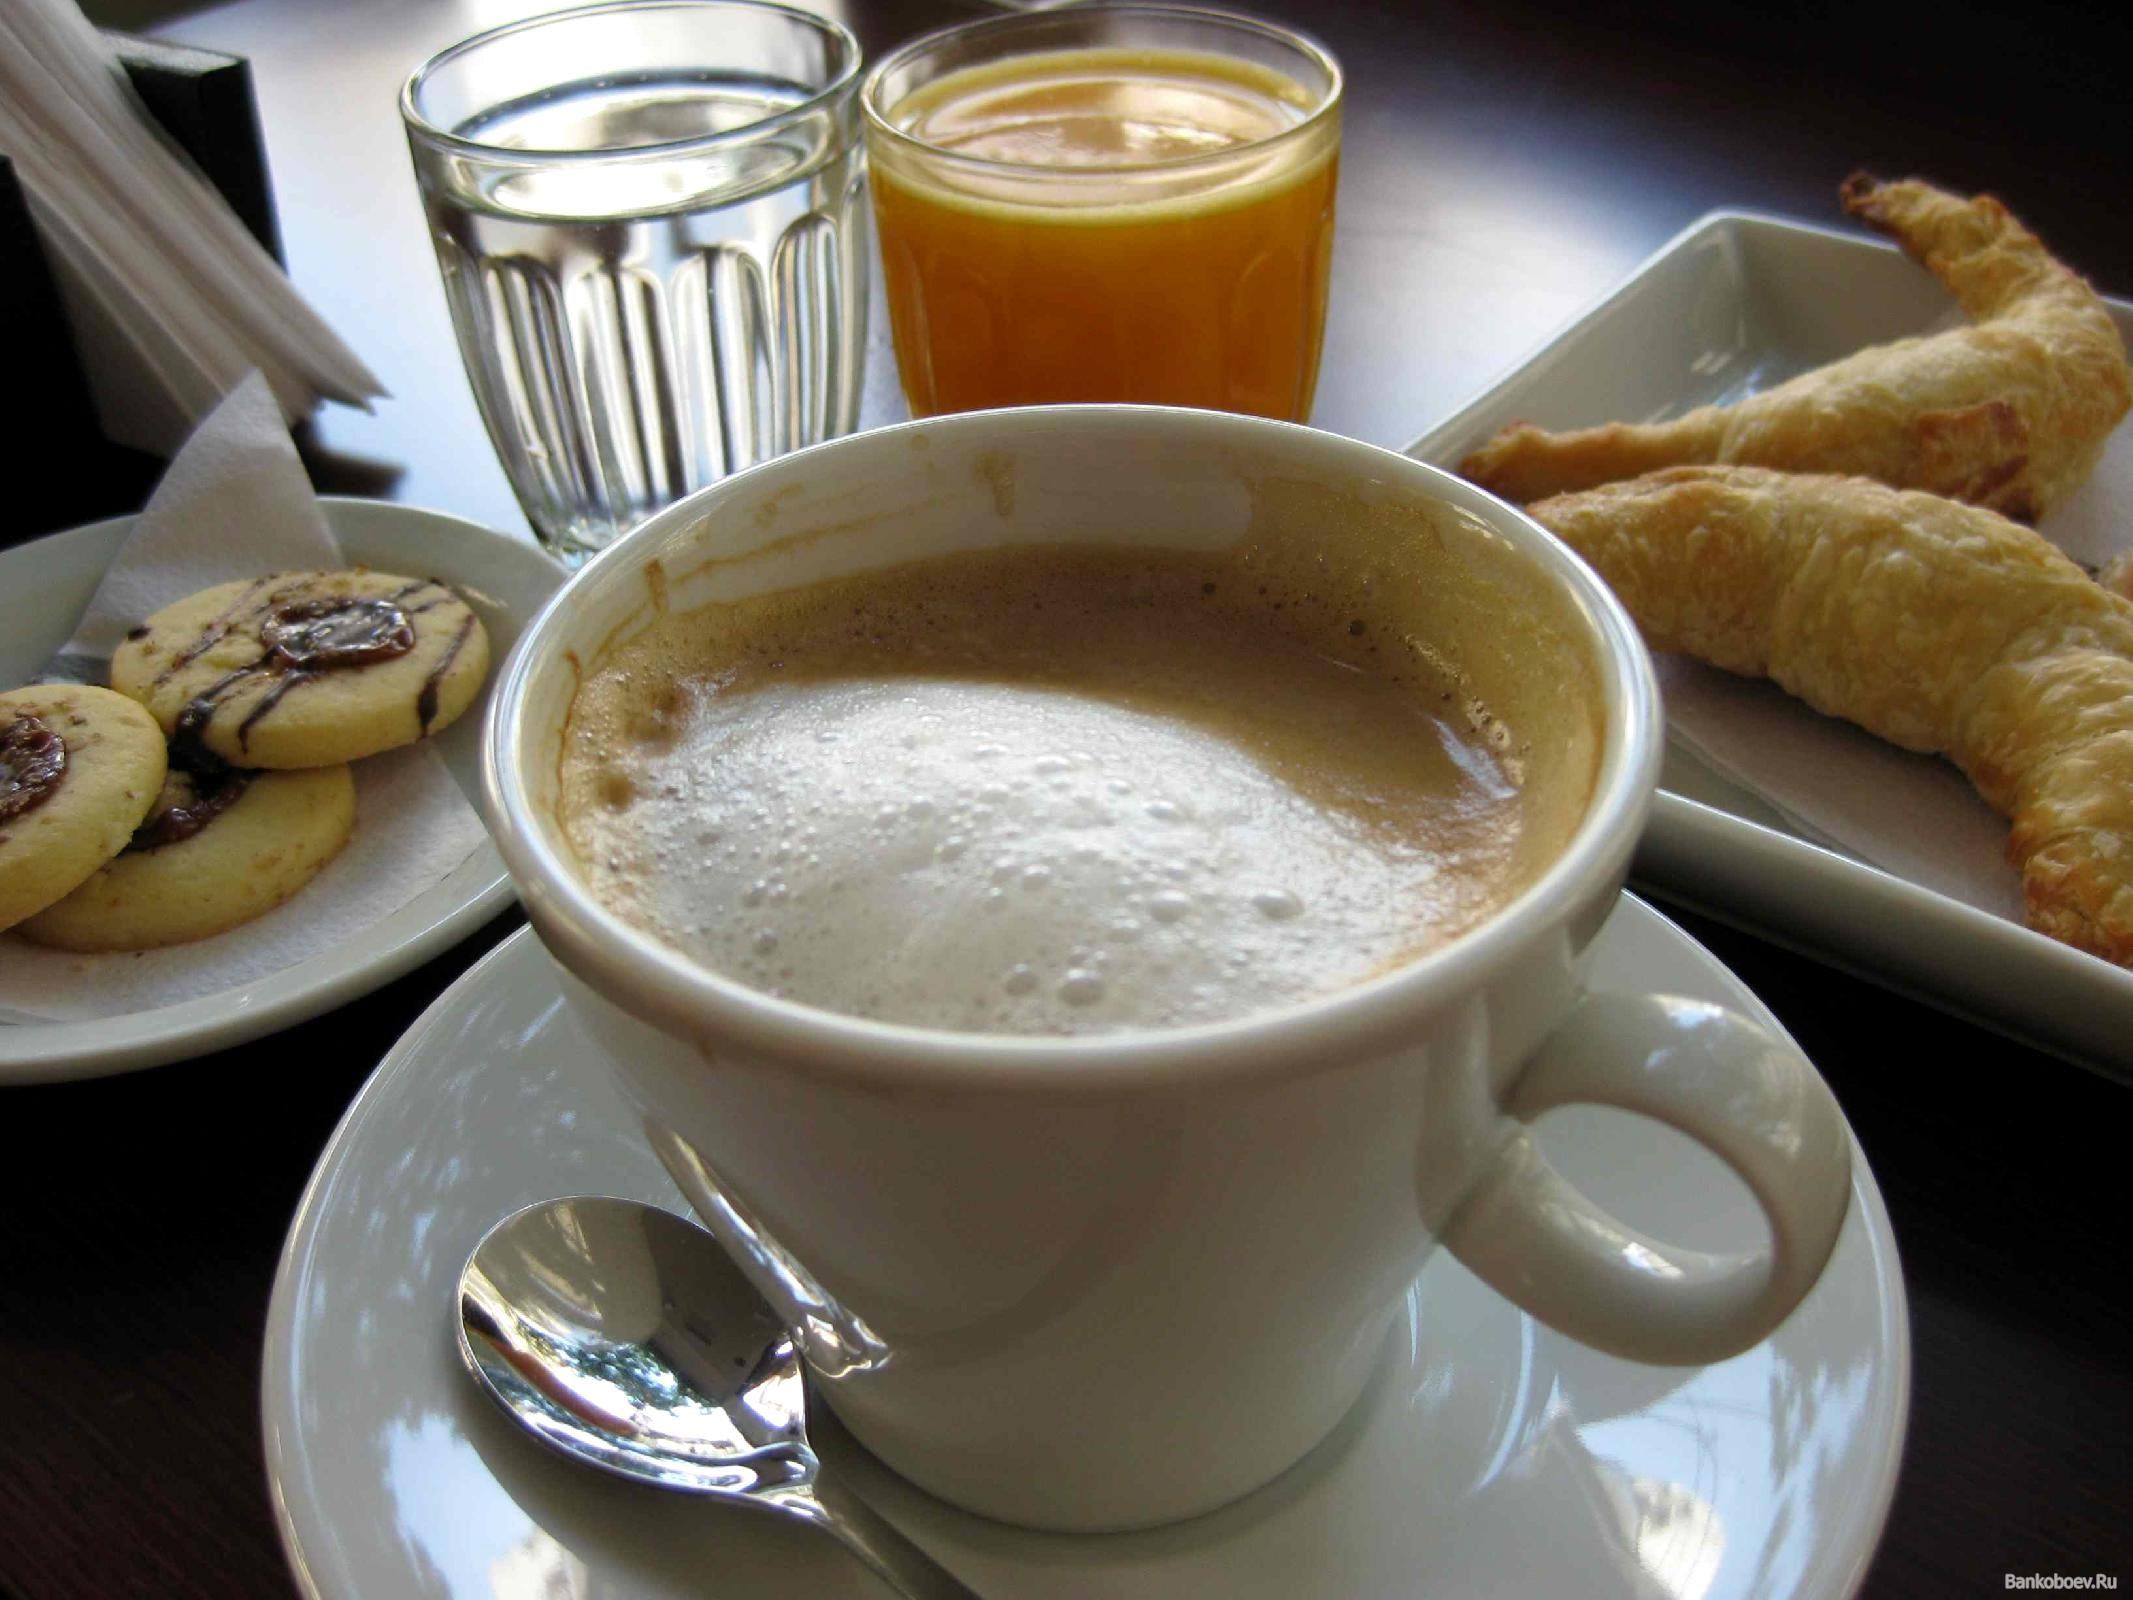 обои Чашка латте,  свежая вода и витаминный сок с выпечкой на завтрак фото